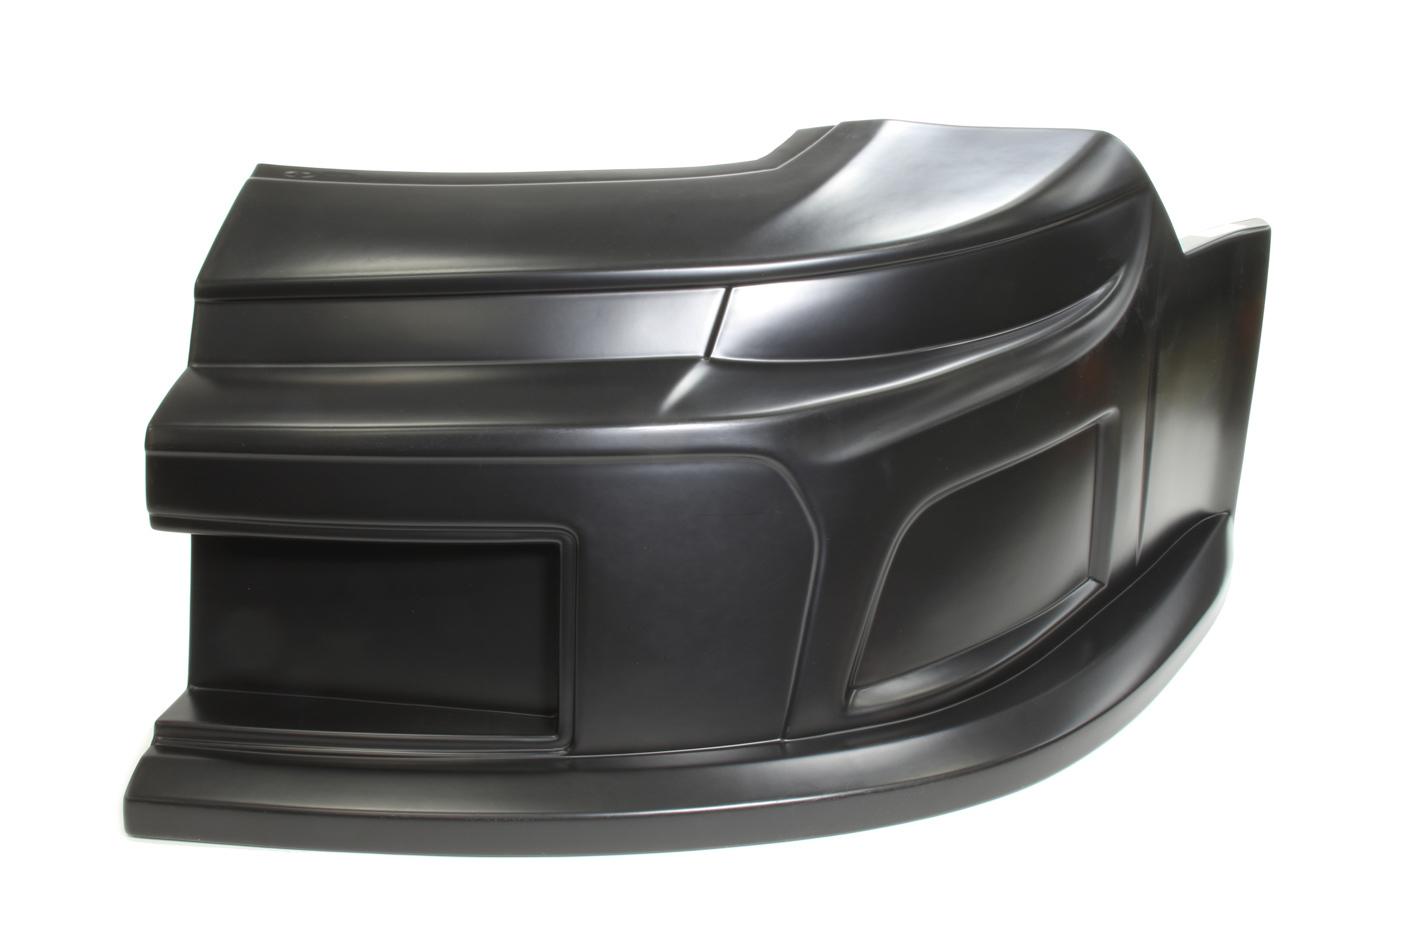 FIVESTAR 2019 LM Camaro Nose Plastic Black Left P/N -11132-41051-BL